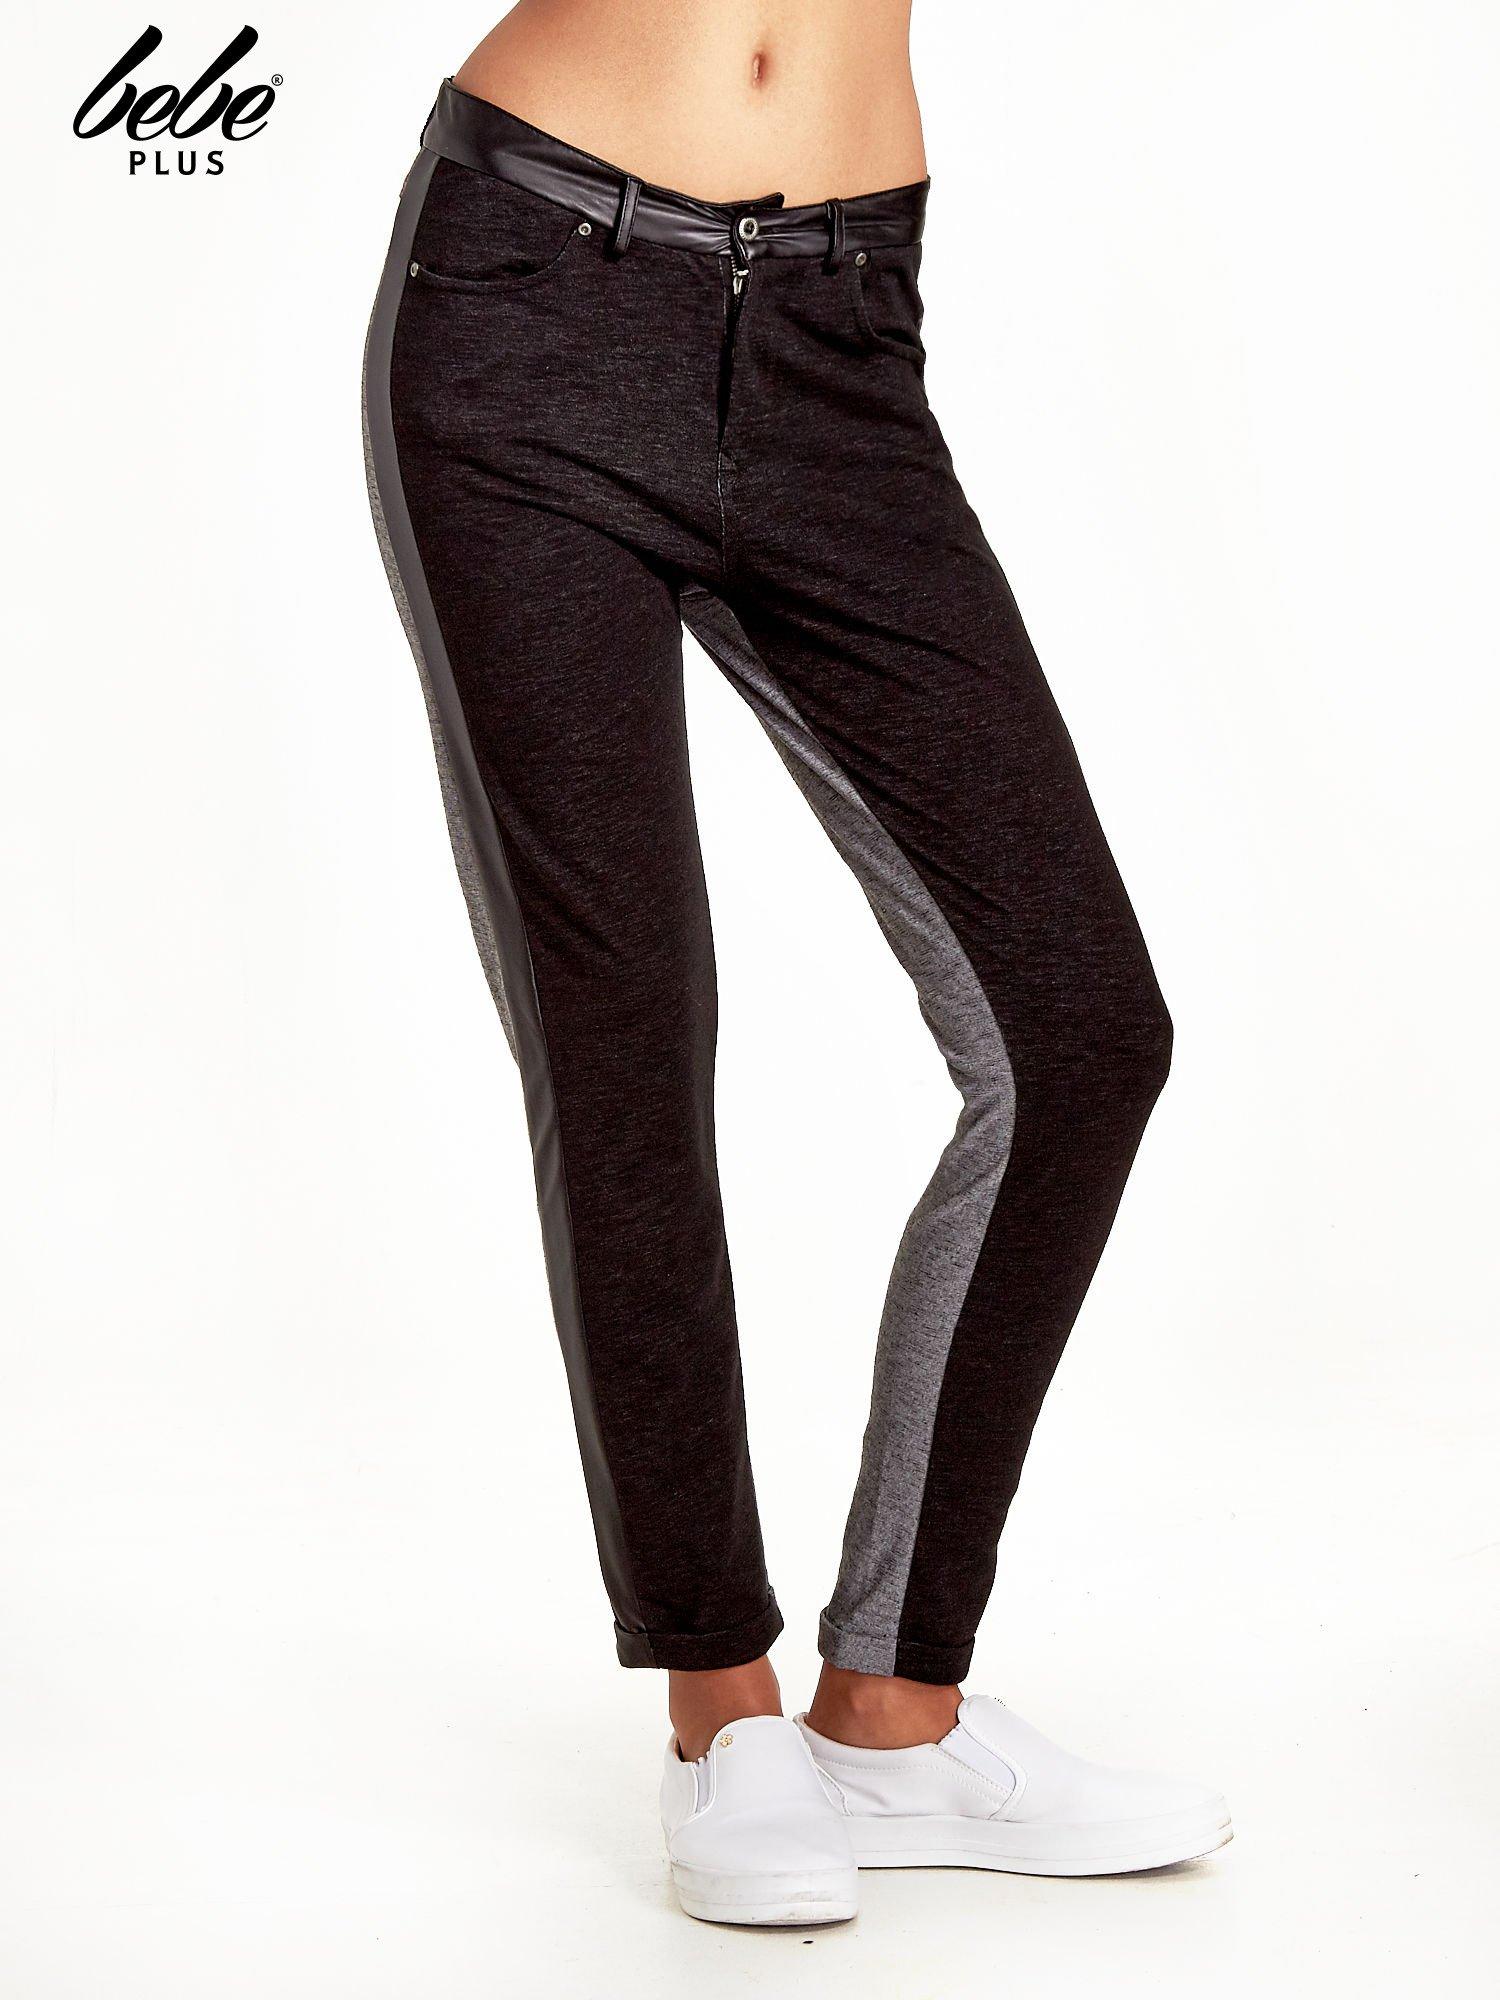 Spodnie two tone ze skórzanymi wstawkami                                  zdj.                                  1